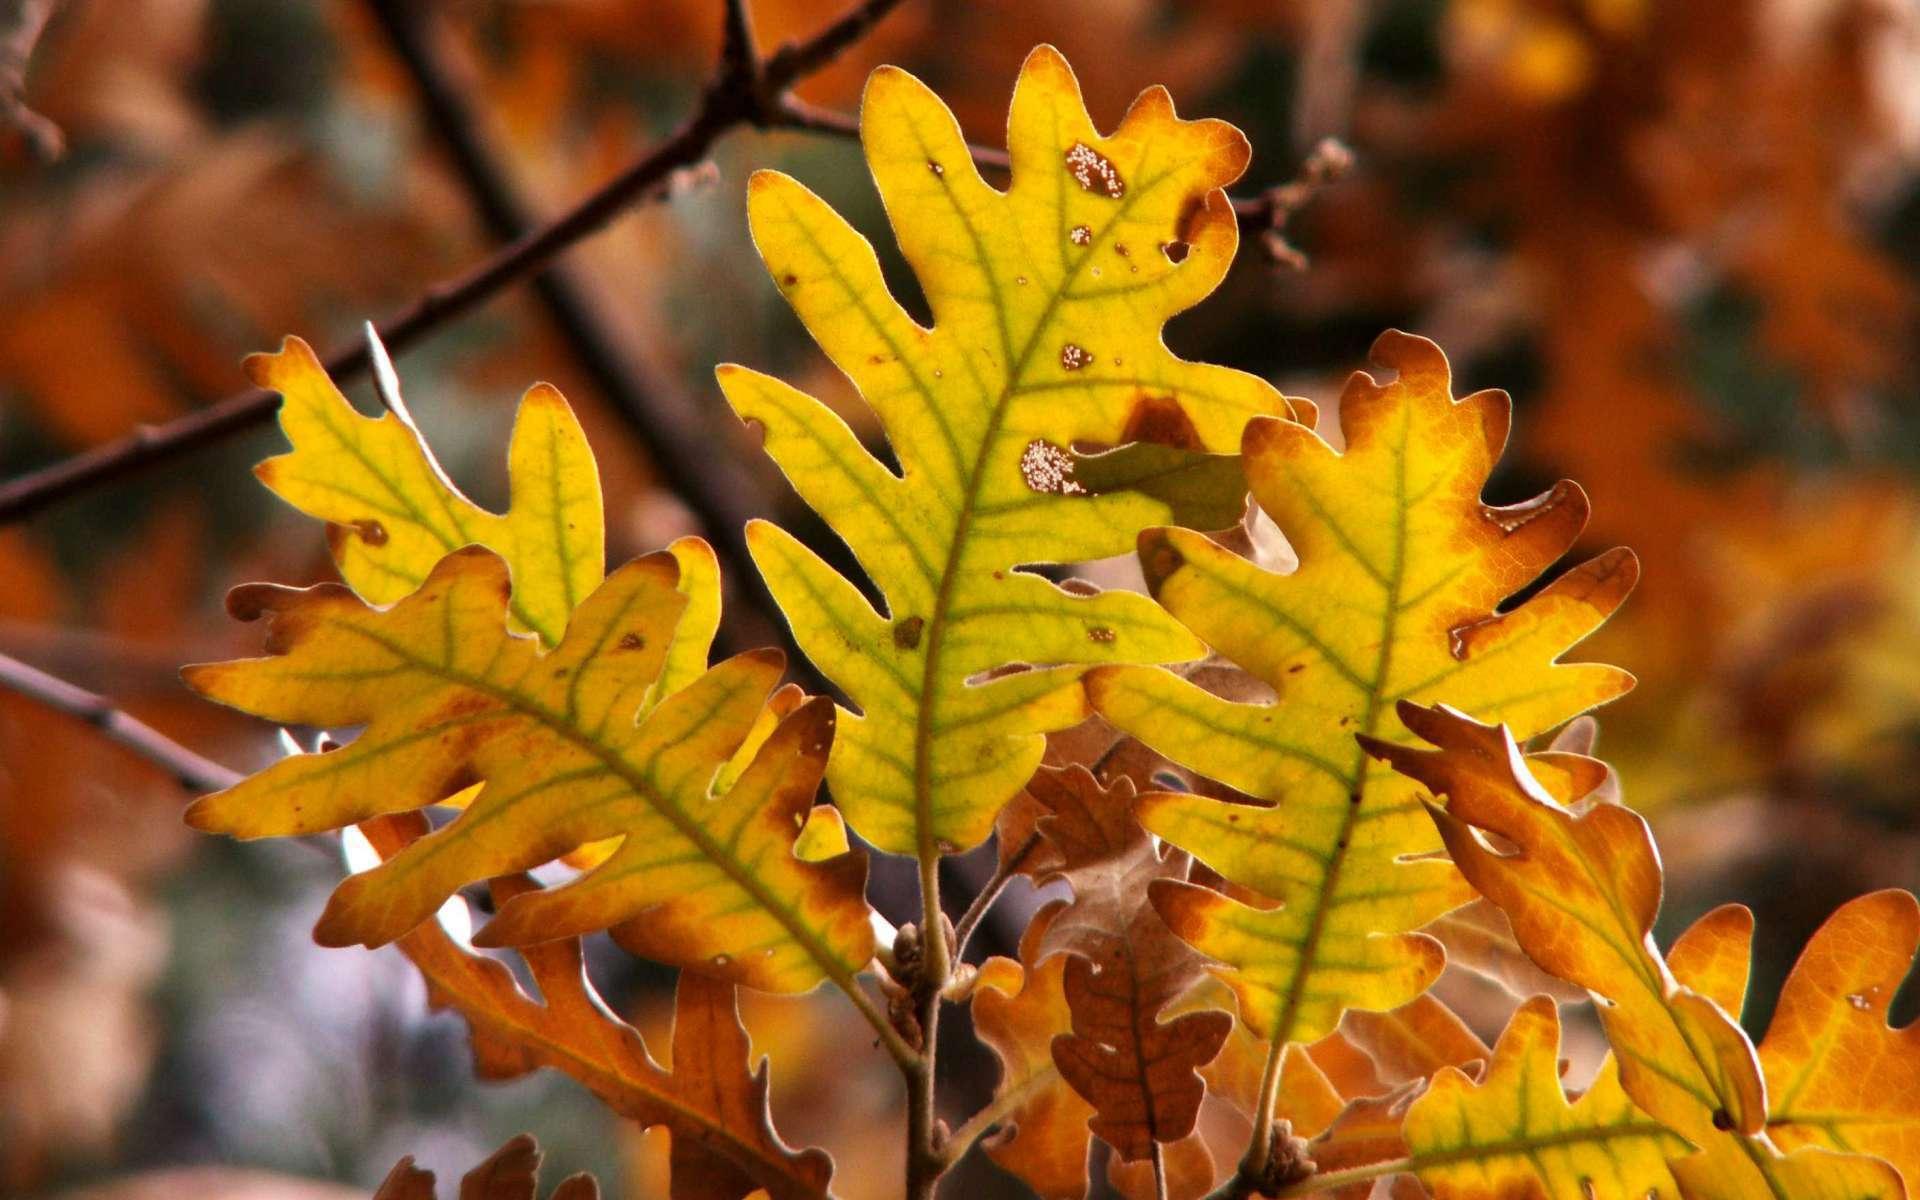 Chêne tauzin (Crédit: Miquel Liop)